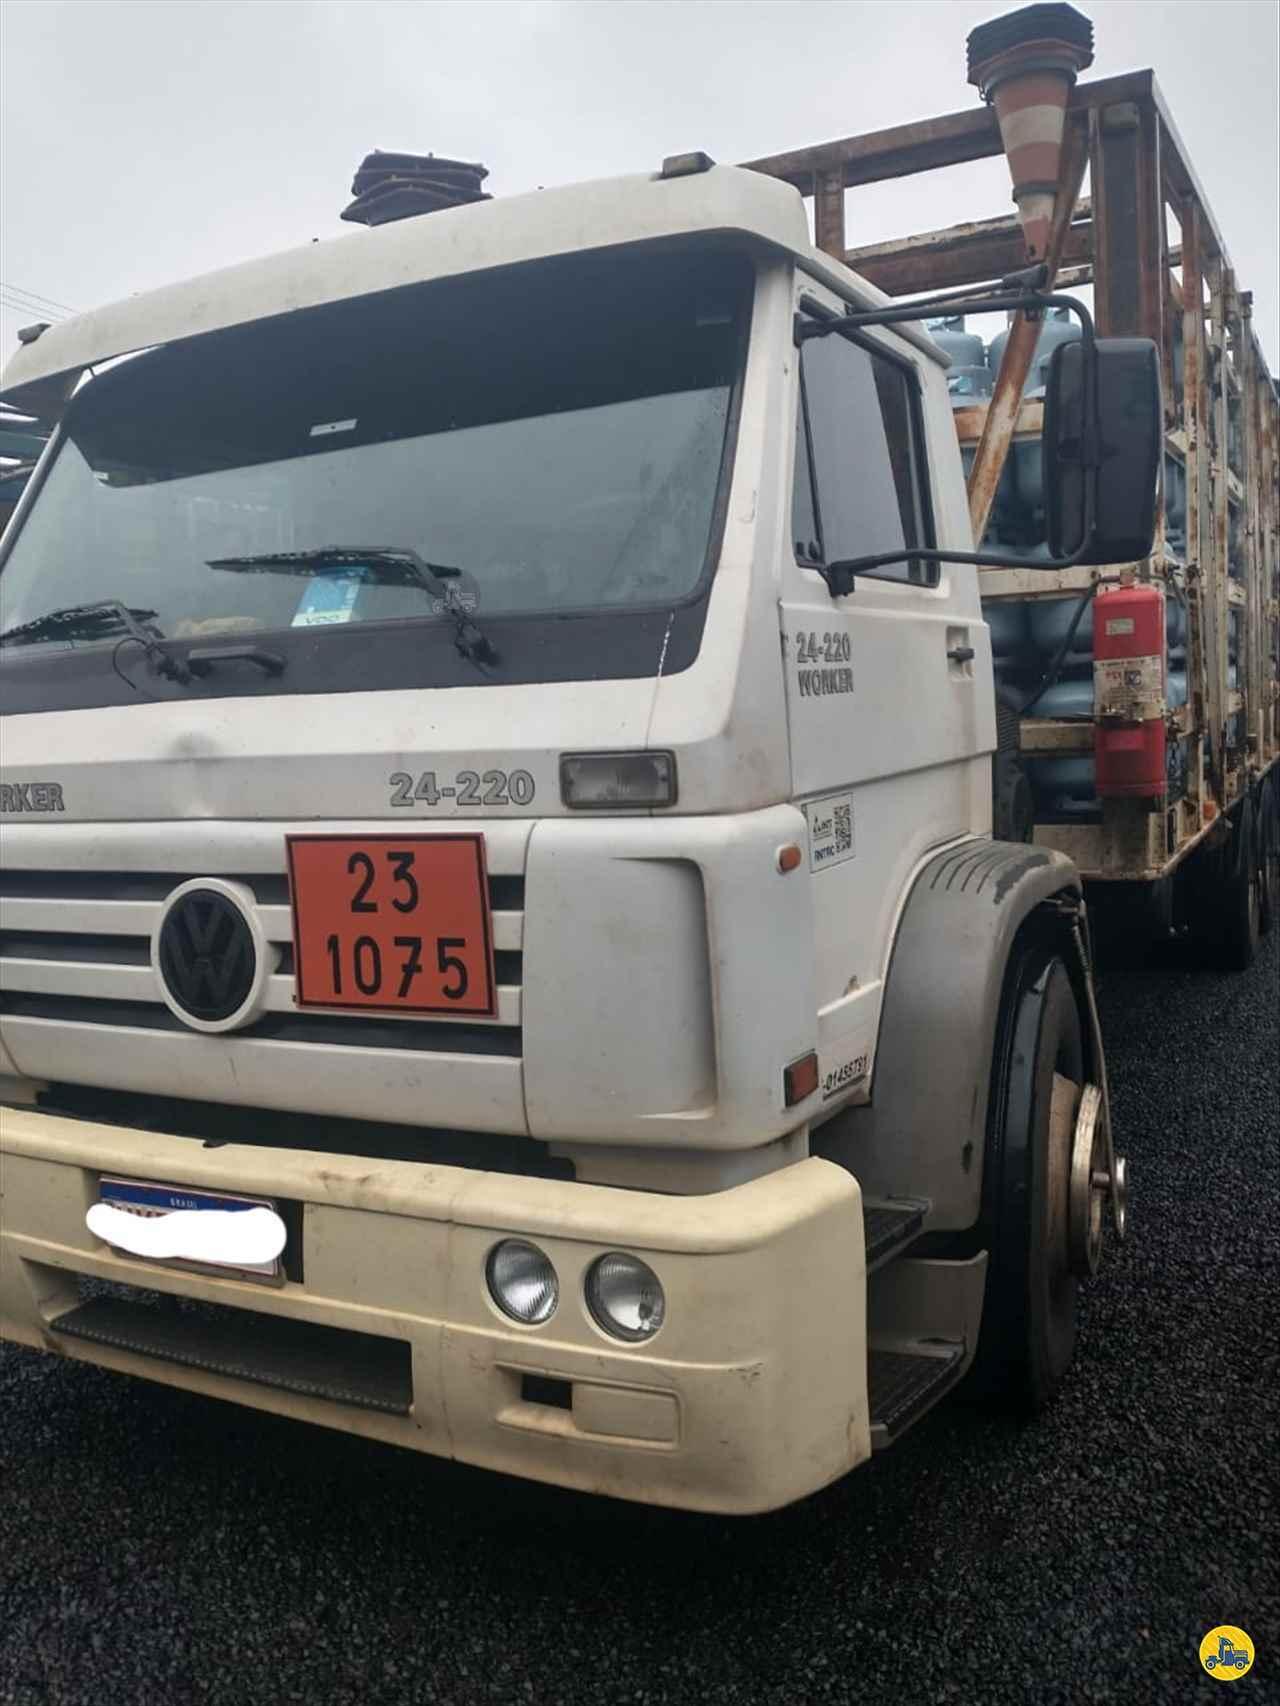 CAMINHAO VOLKSWAGEN VW 24220 Chassis Truck 6x2 Porssionatto Caminhões RIO VERDE GOIAS GO